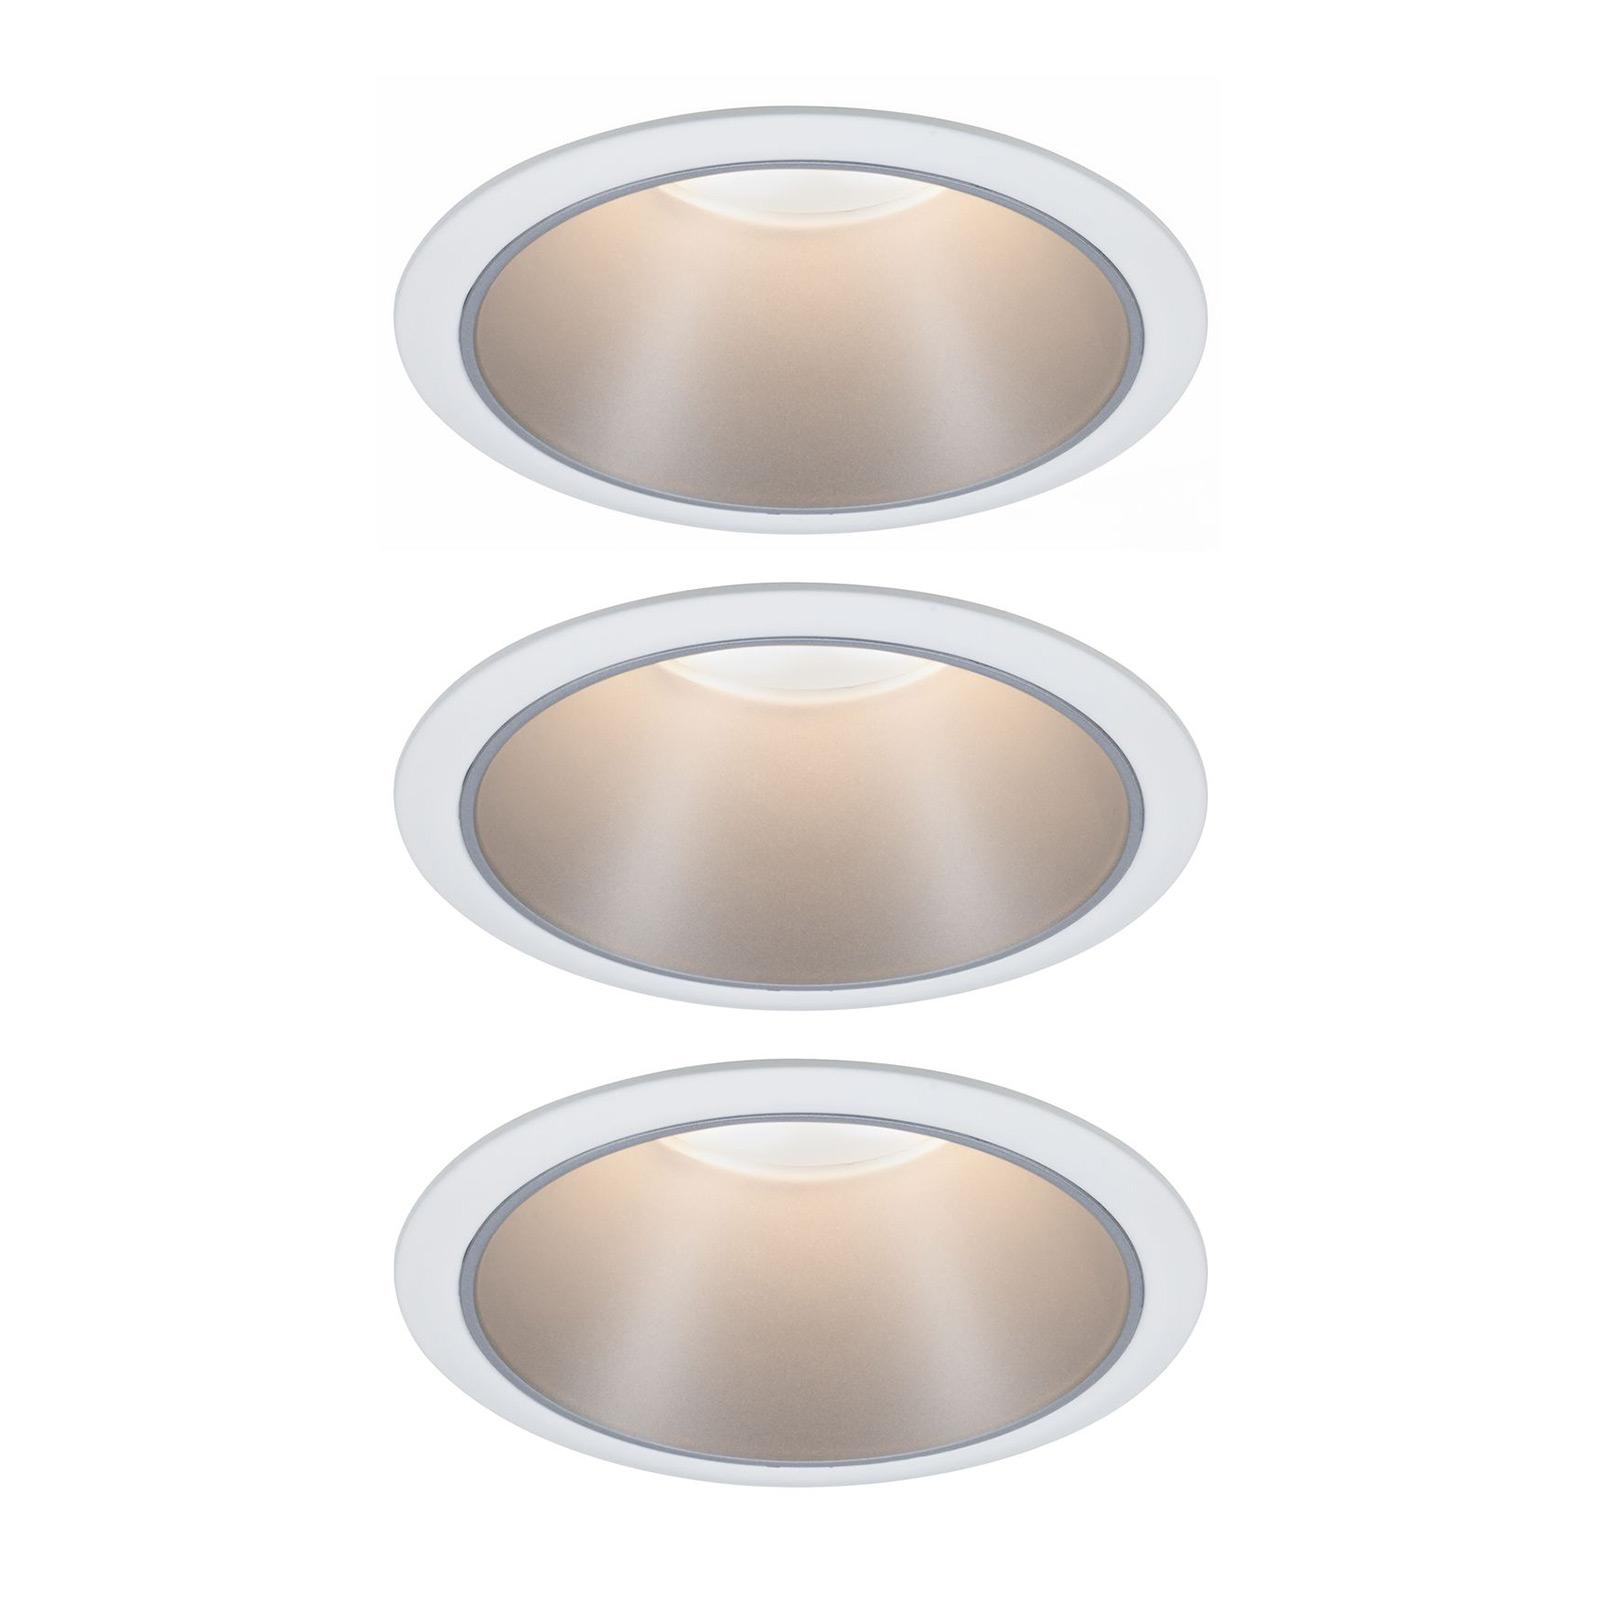 Paulmann Cole LED-spot, sølv-hvit, 3-pakning